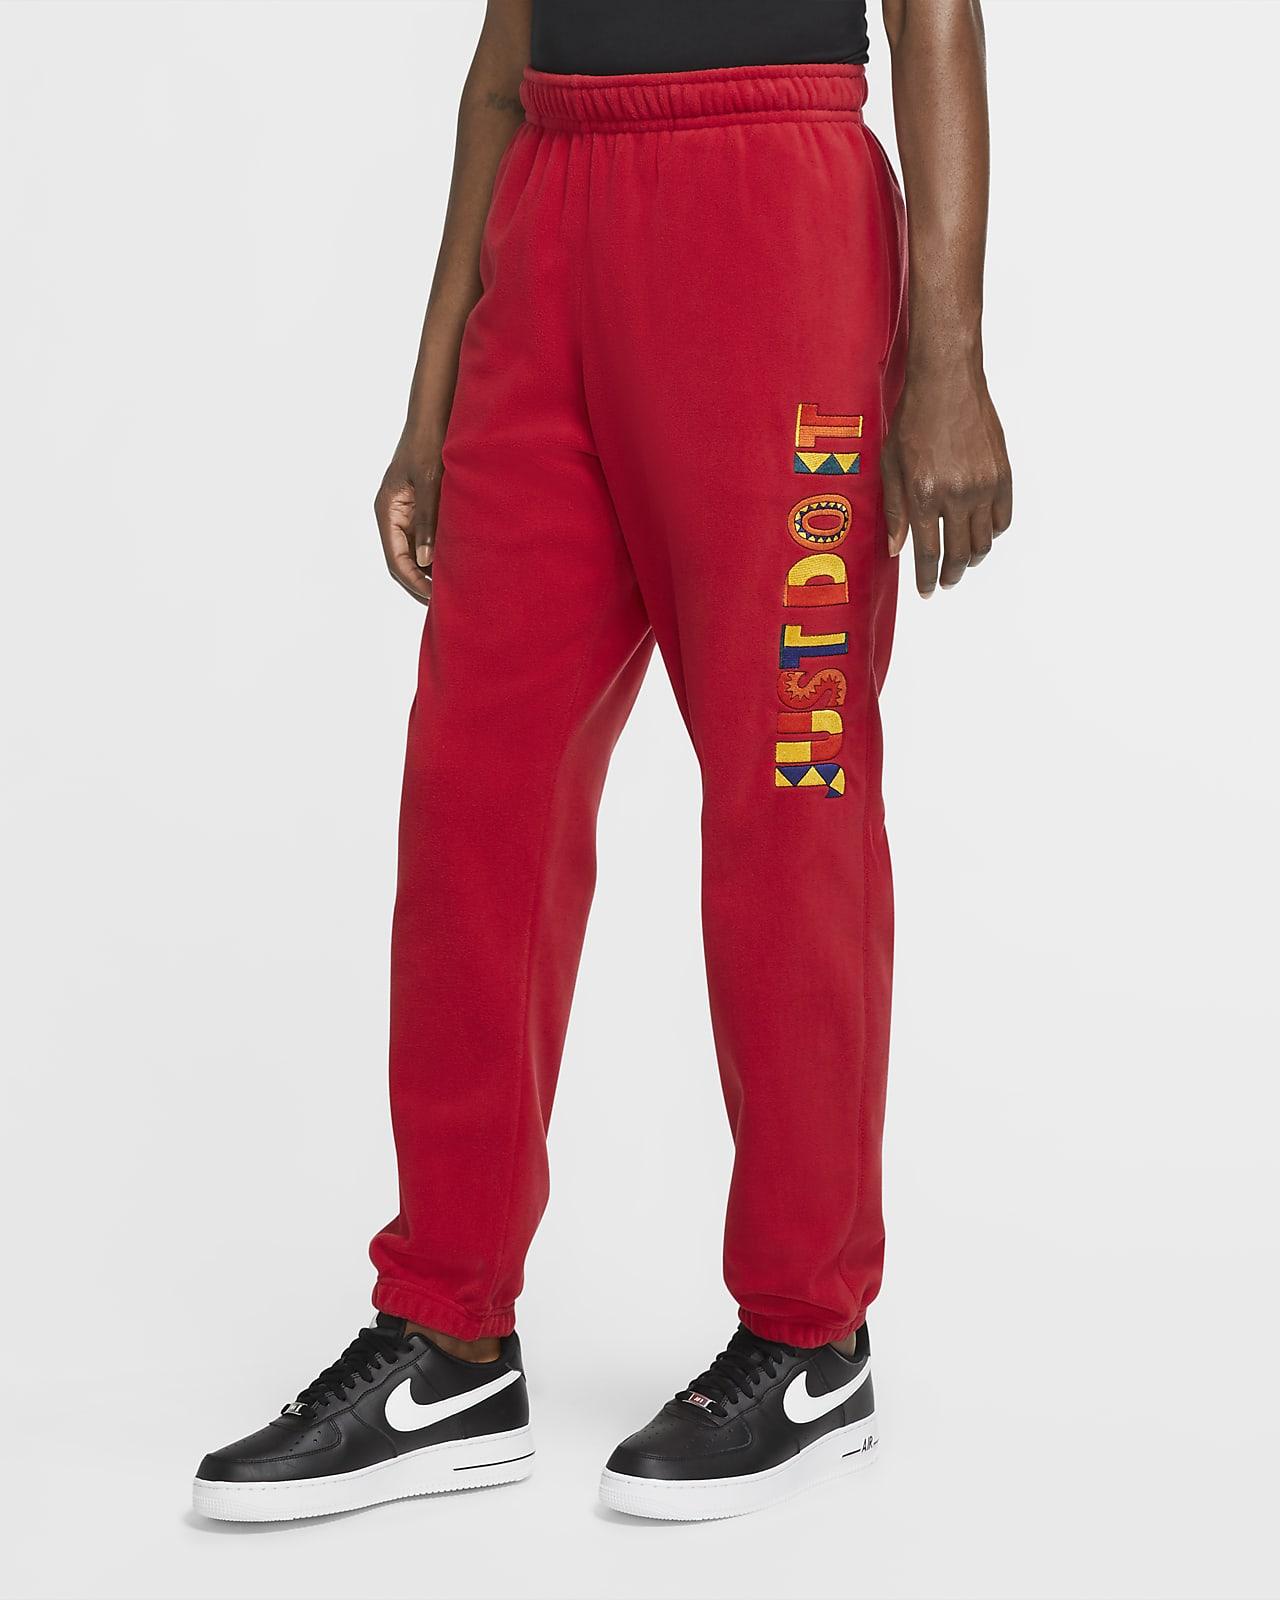 Nike Sportswear Men's Reissue Fleece Joggers